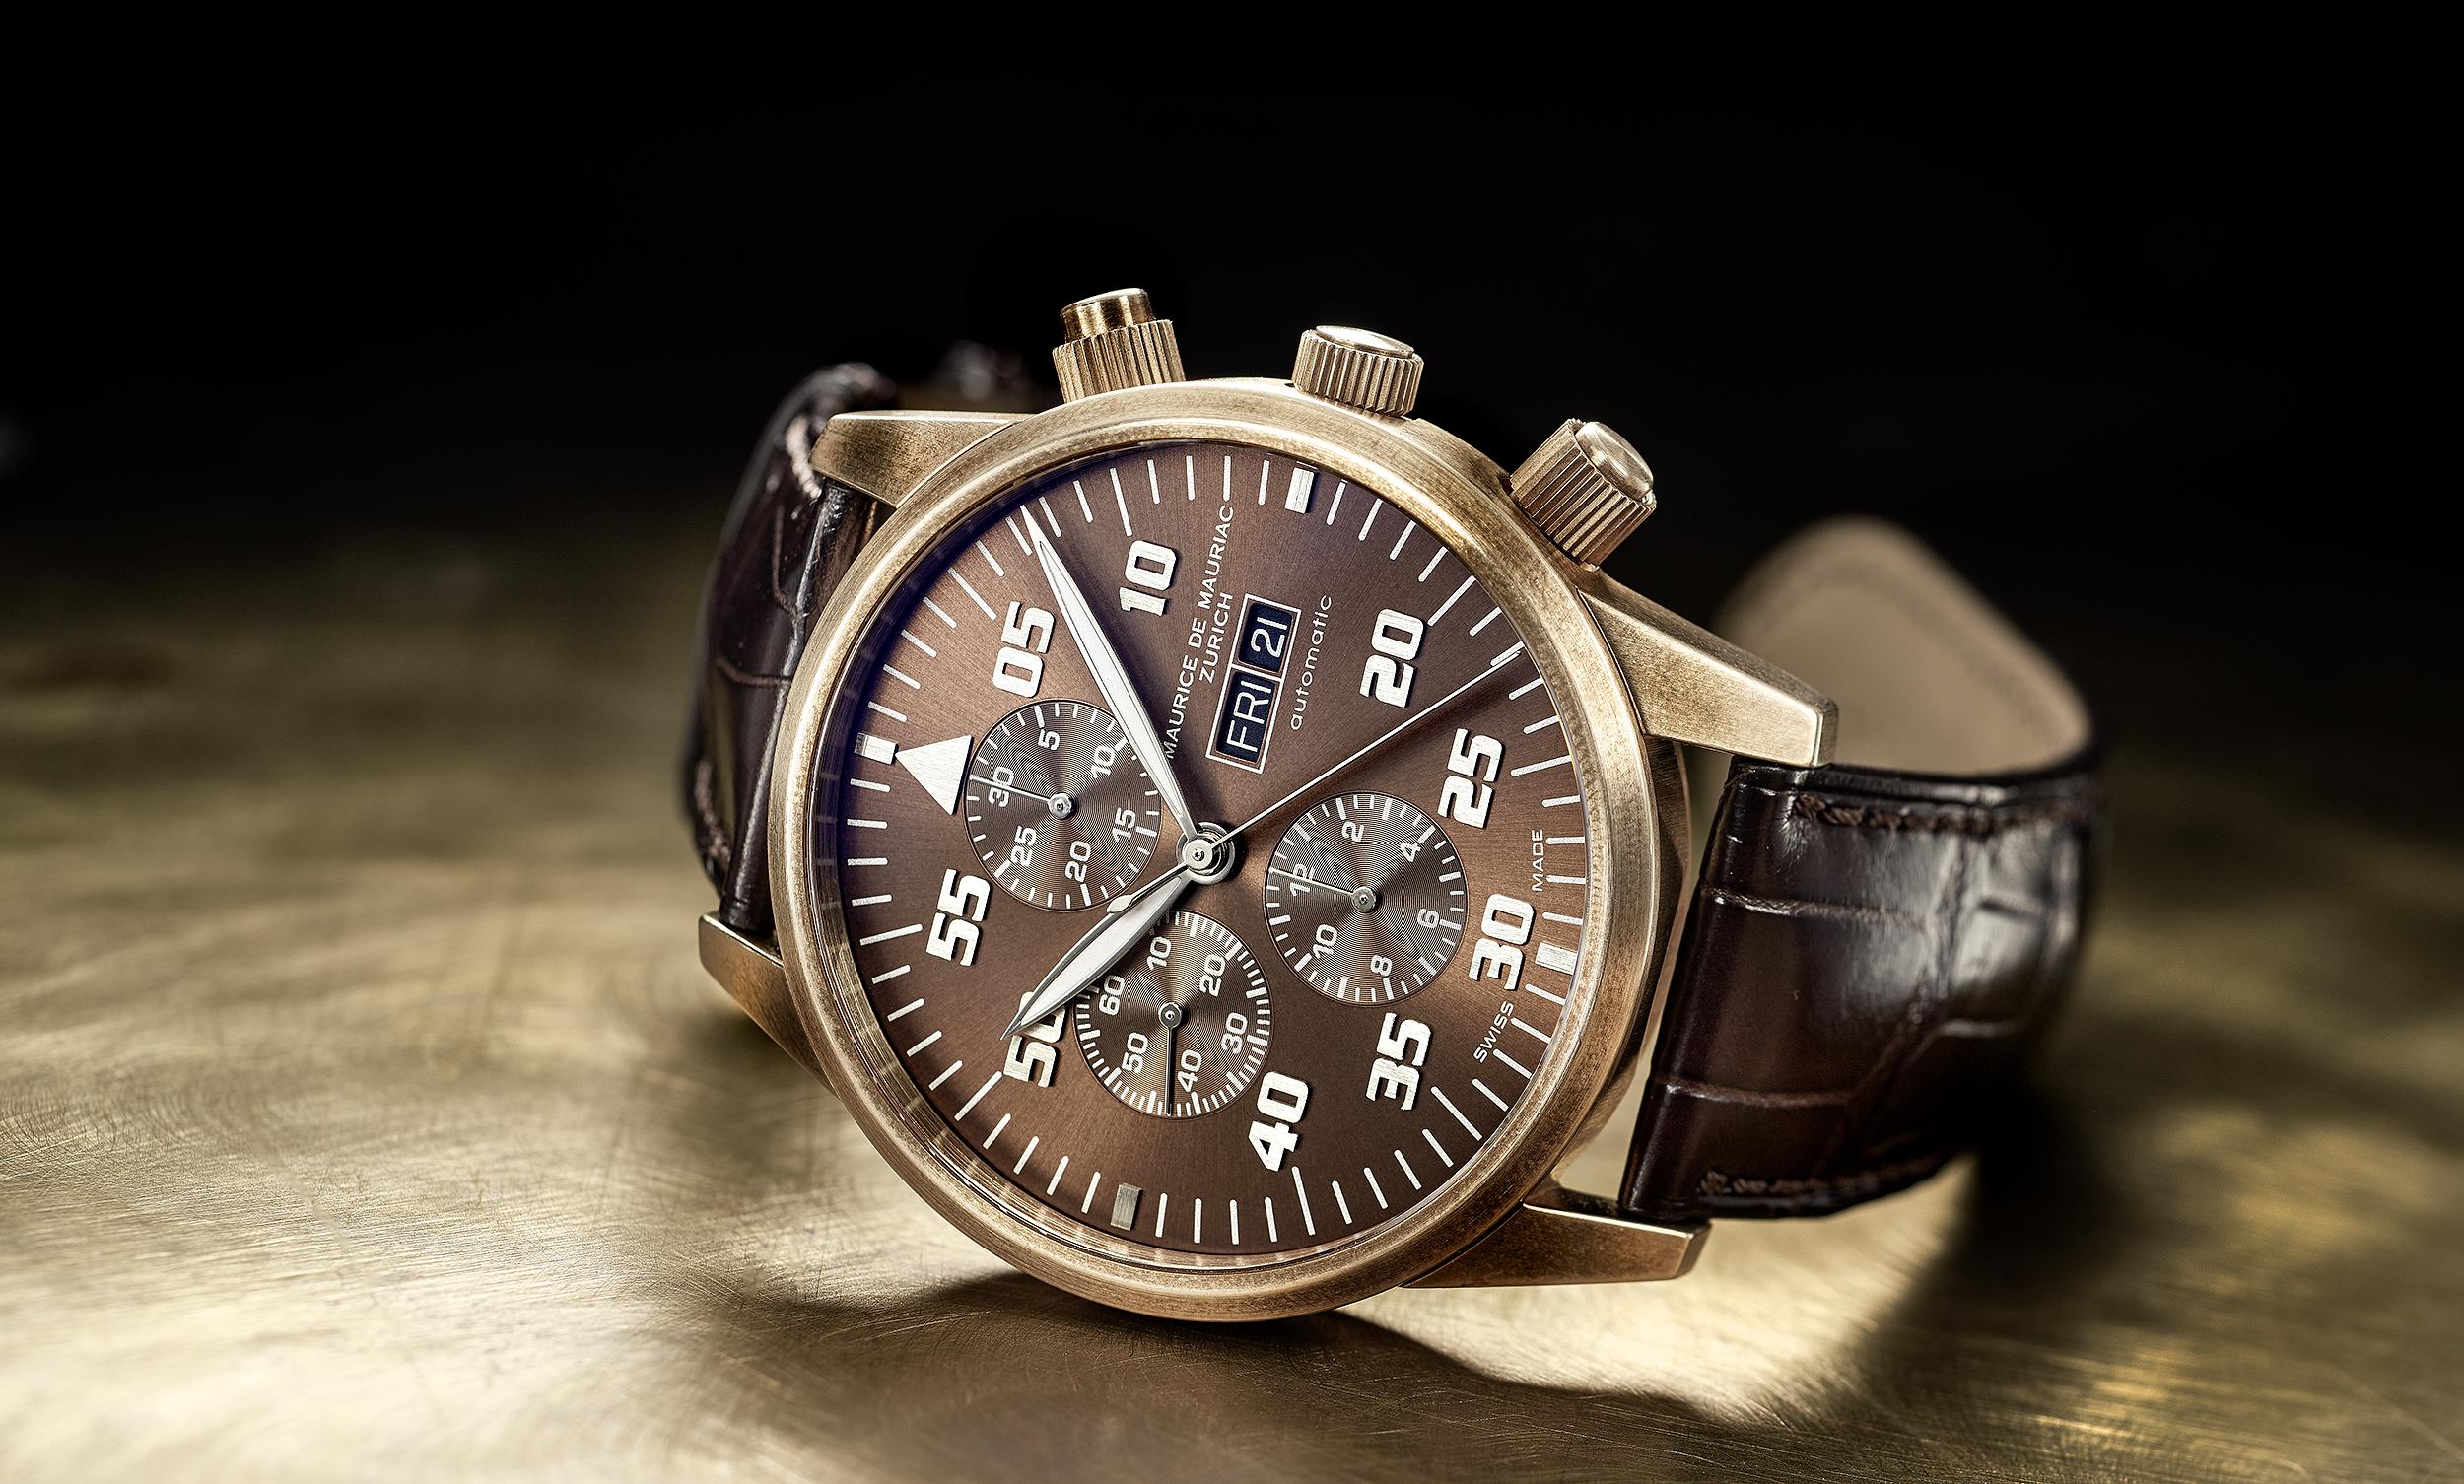 Maurice de Mauriac Bronze-Uhr, Uhrenfotografie, Zürich, Schweiz, Dennis Savini